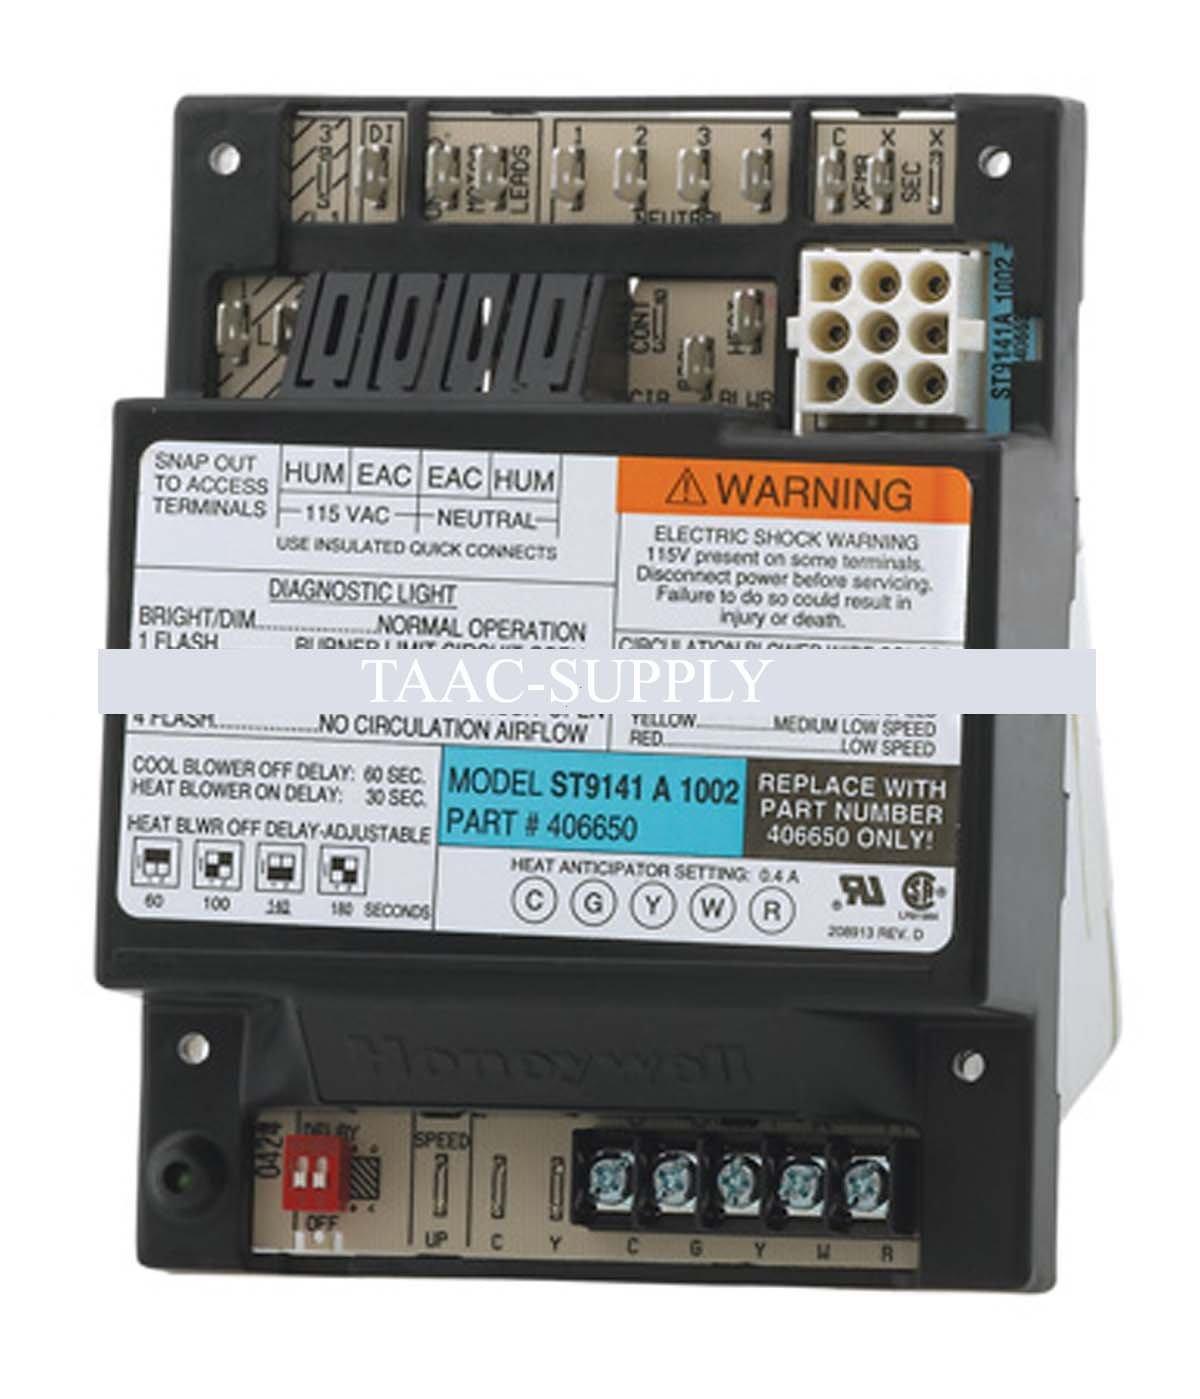 comfortmaker air conditioner wiring diagram model naco30akc3 wiring briggs  stratton engine wiring diagram honeywell st9120u1011 wiring